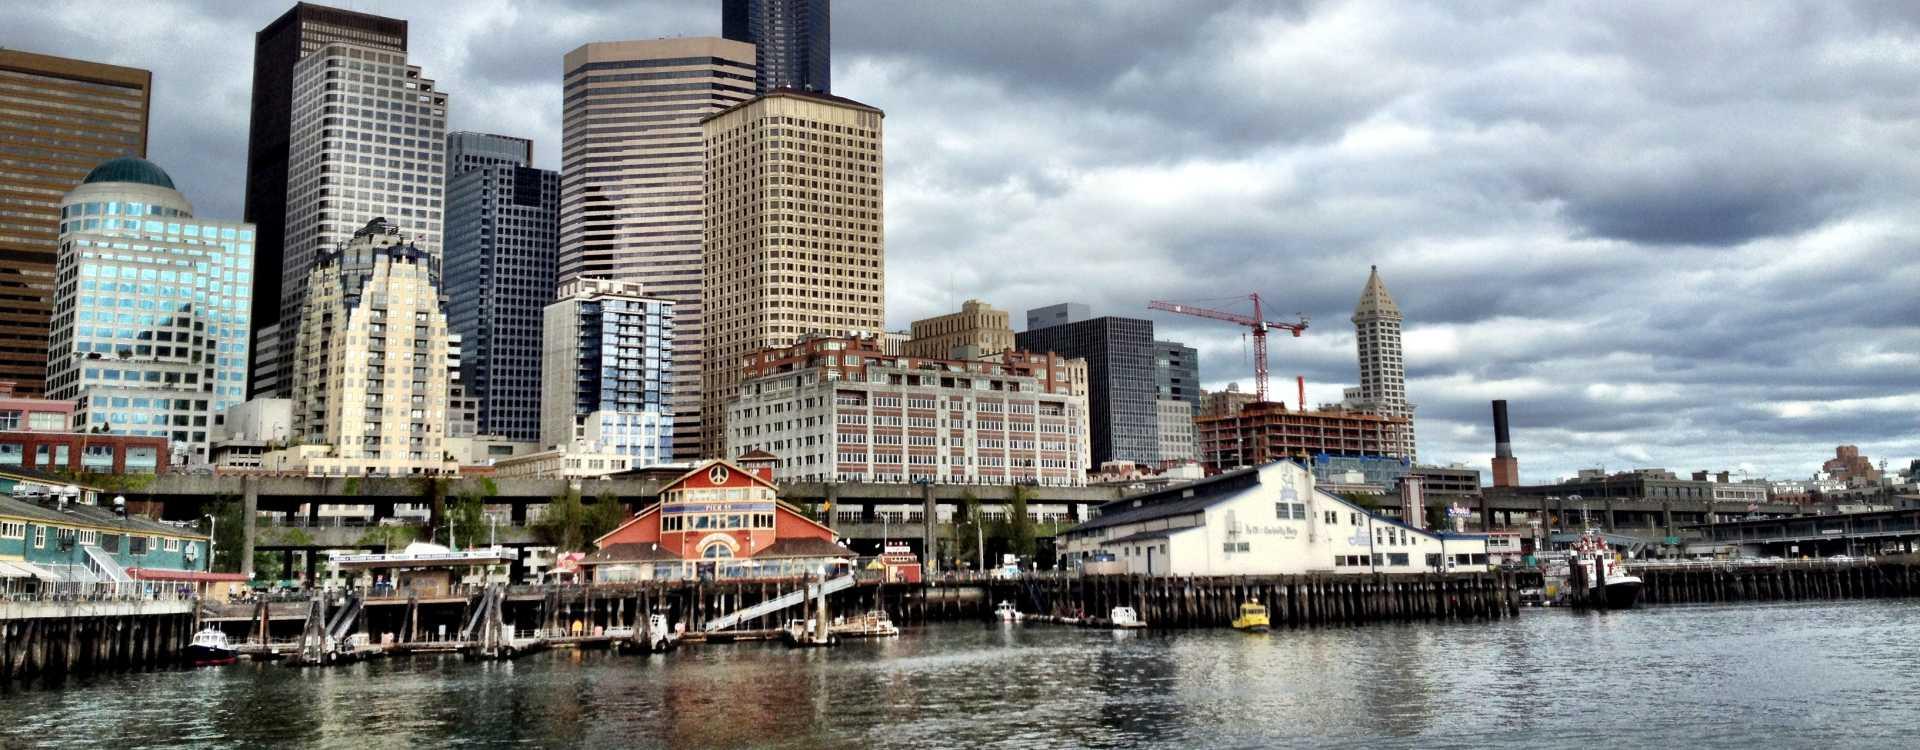 Seattle_Great_Wheel-5.JPG